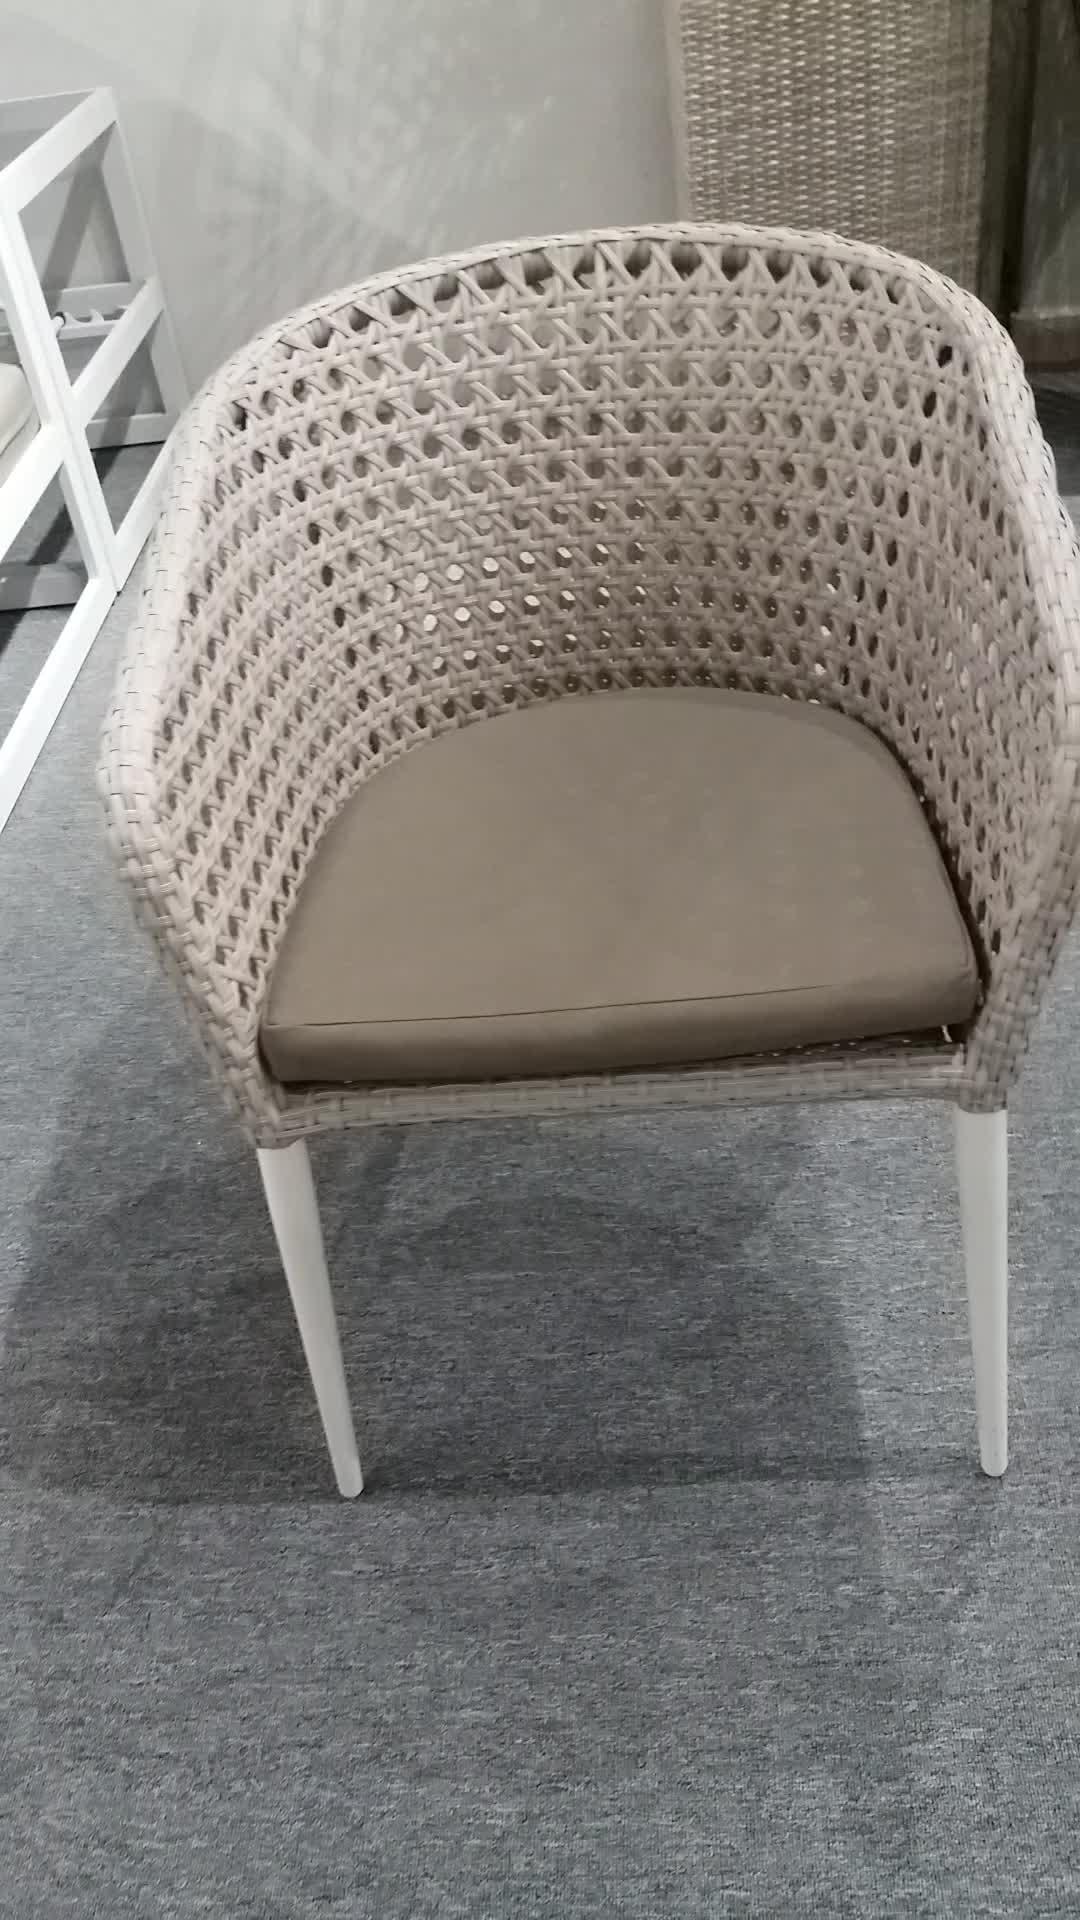 आधुनिक सुरुचिपूर्ण रेस्तरां मेज और कुर्सी बगीचा रतन विकर Patio फर्नीचर छूट आउटडोर डाइनिंग सेट